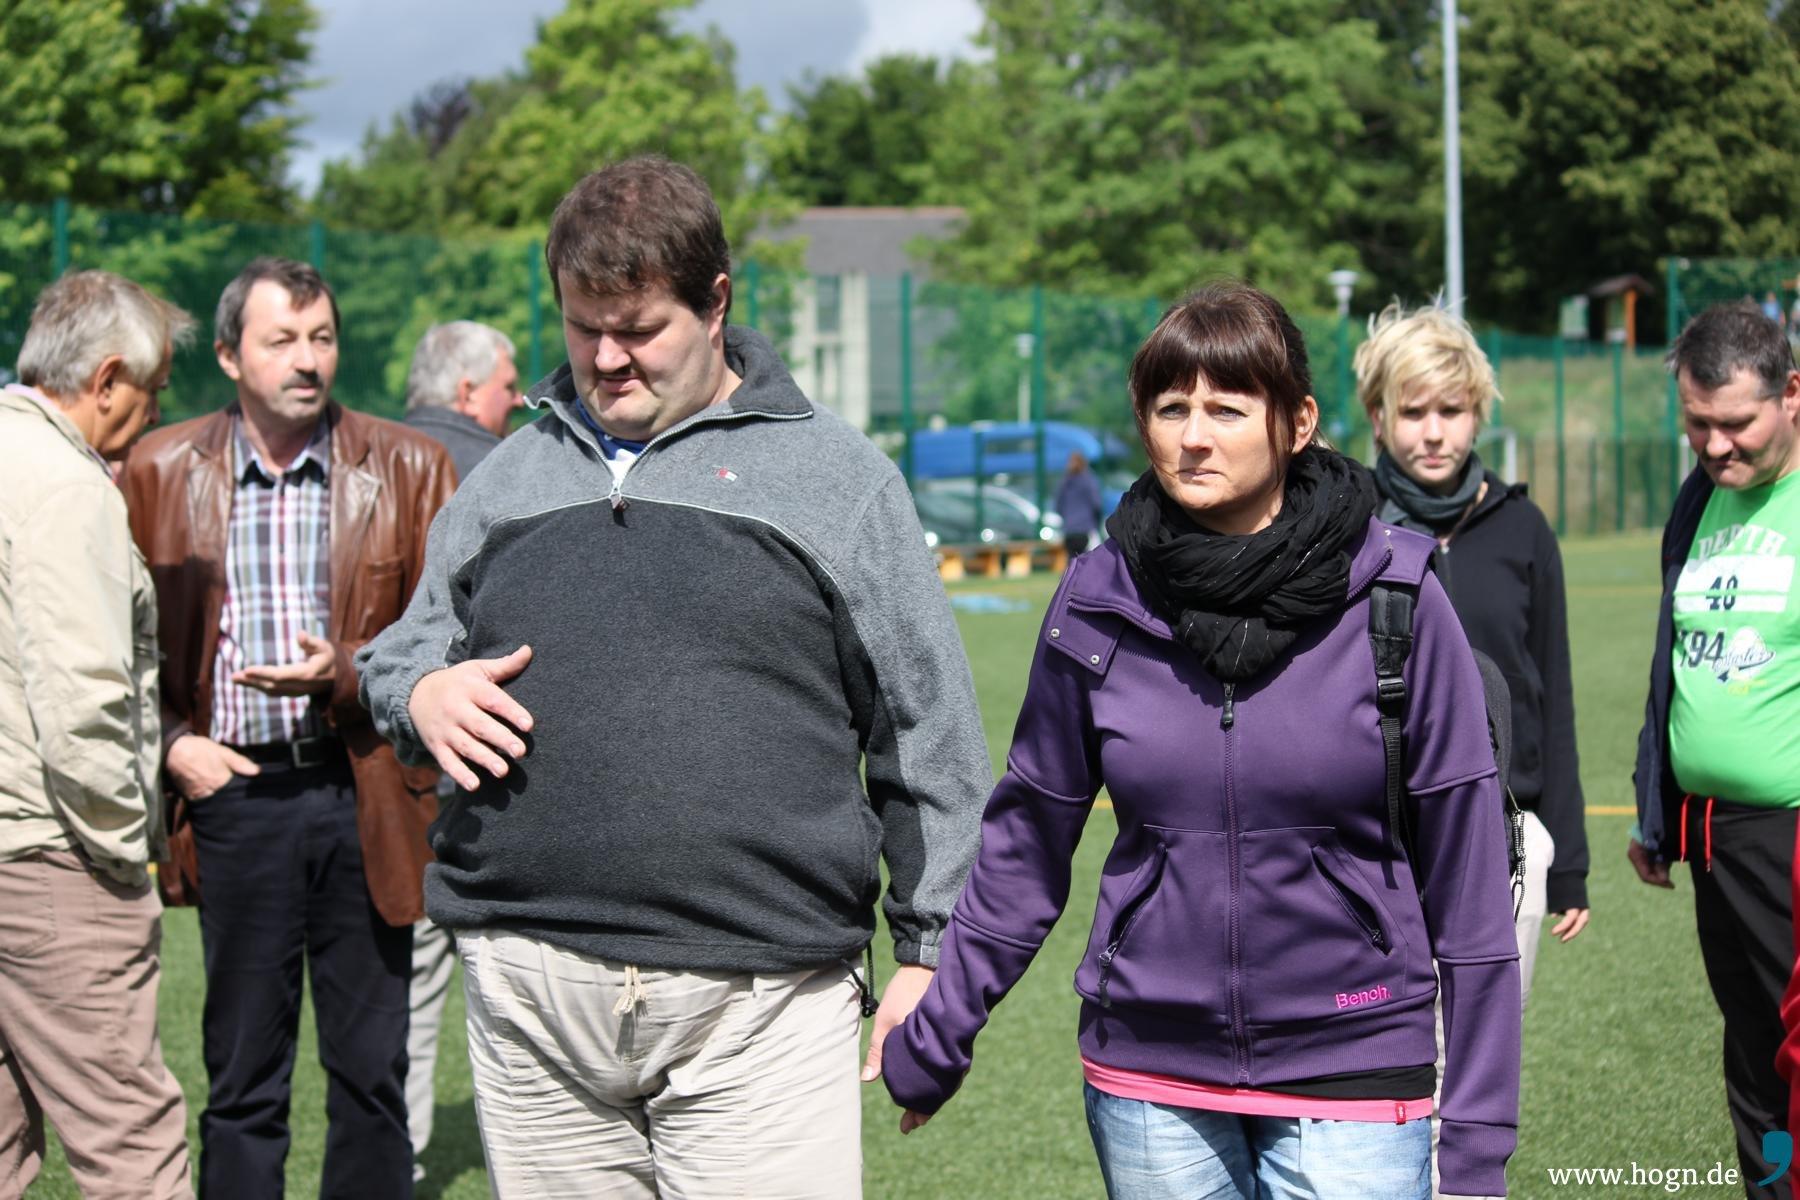 behindertensportfest-2012-20